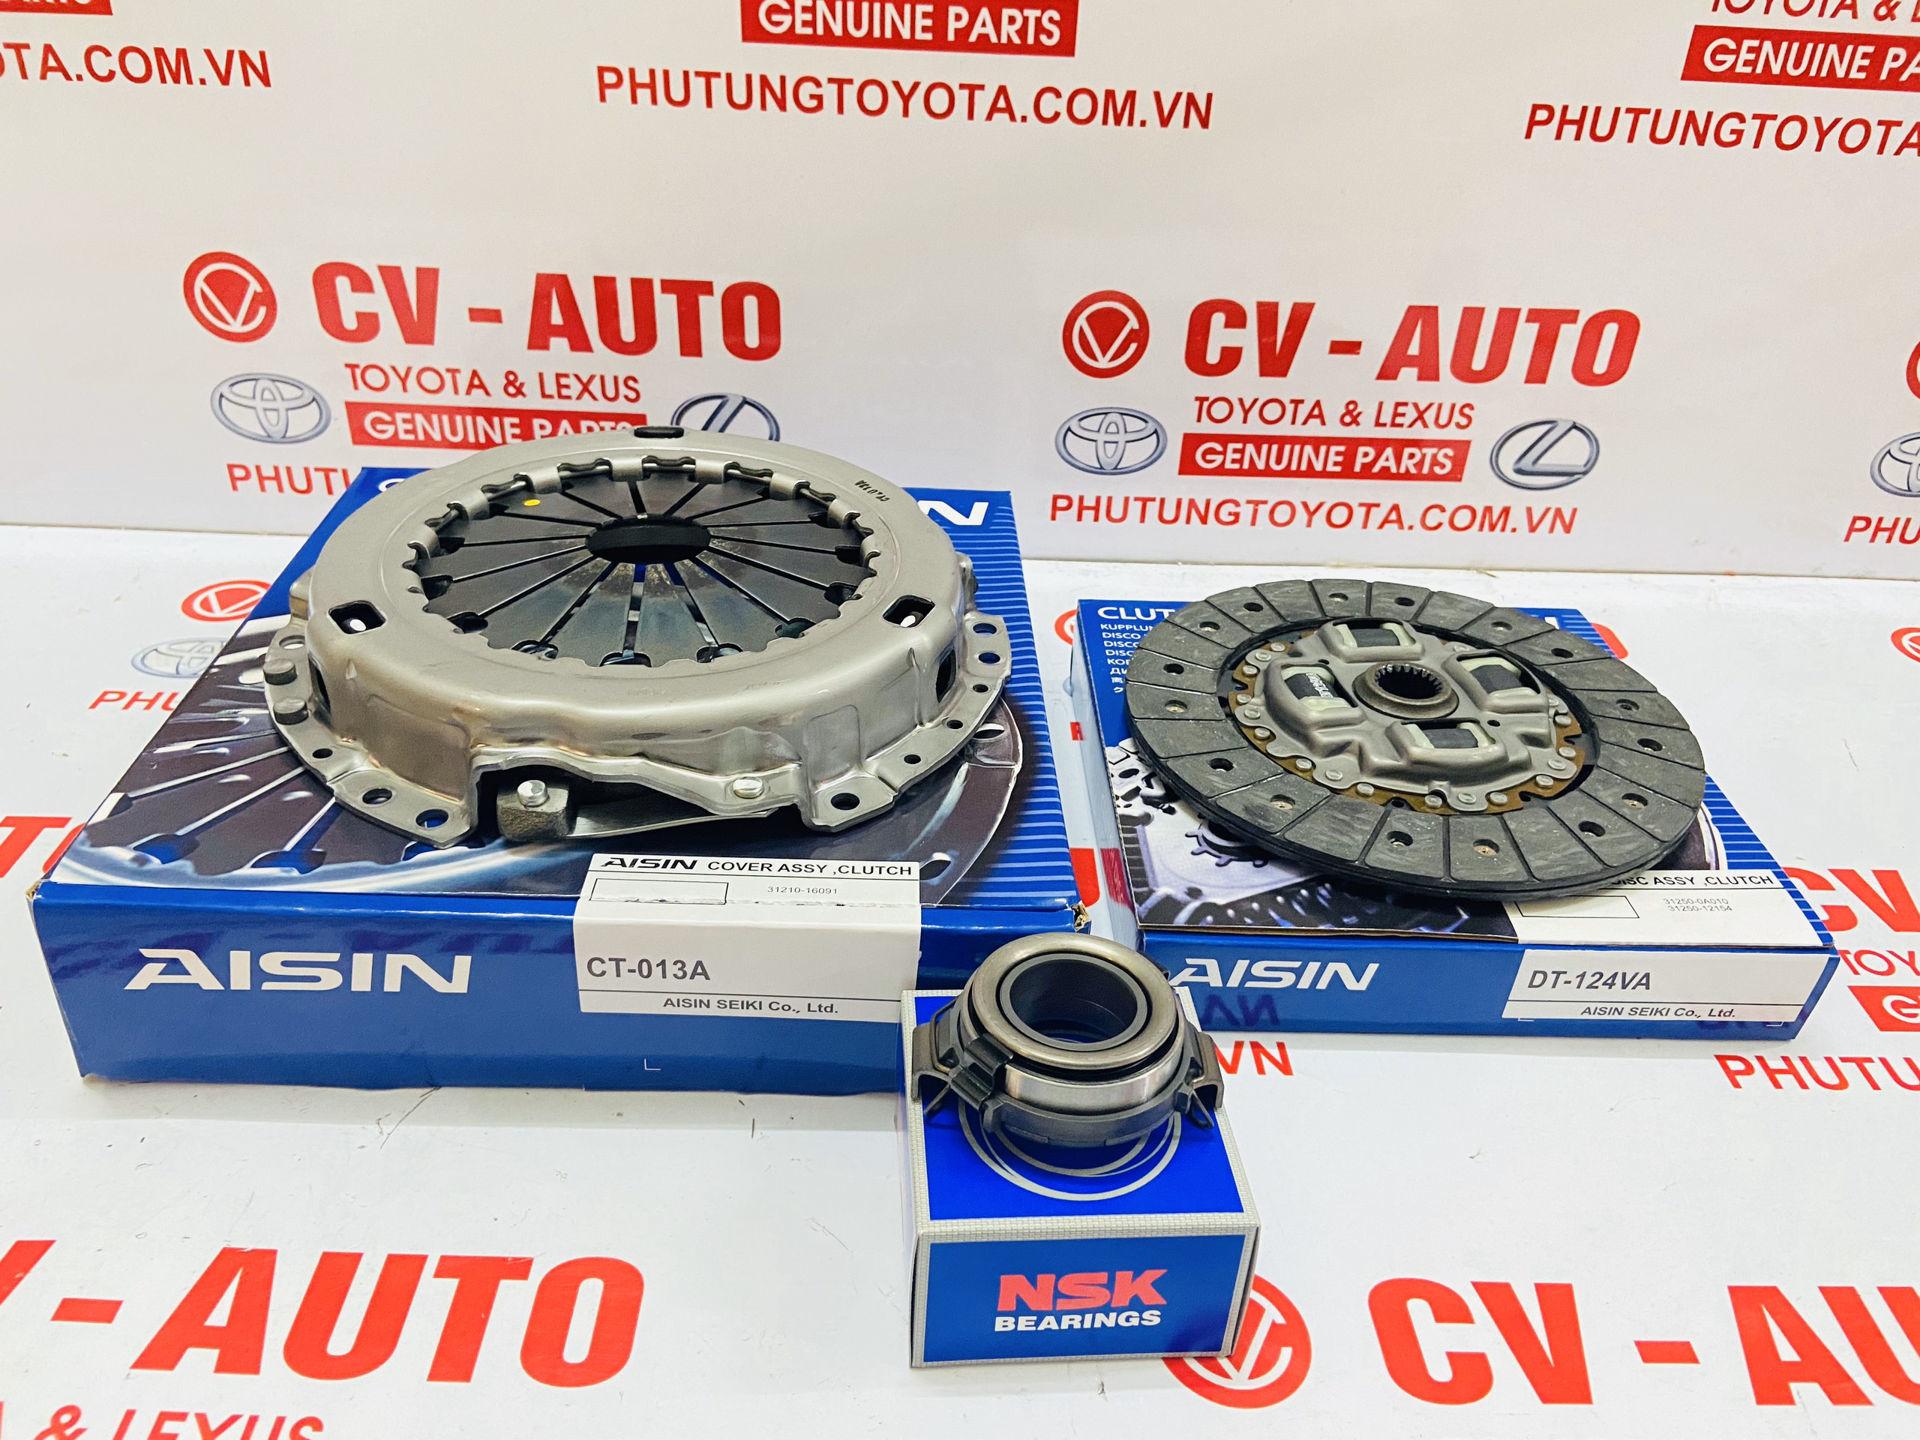 Picture of CT-013A Bàn ép D21 Toyota Vios, Altis Aisin hàng chính hãng